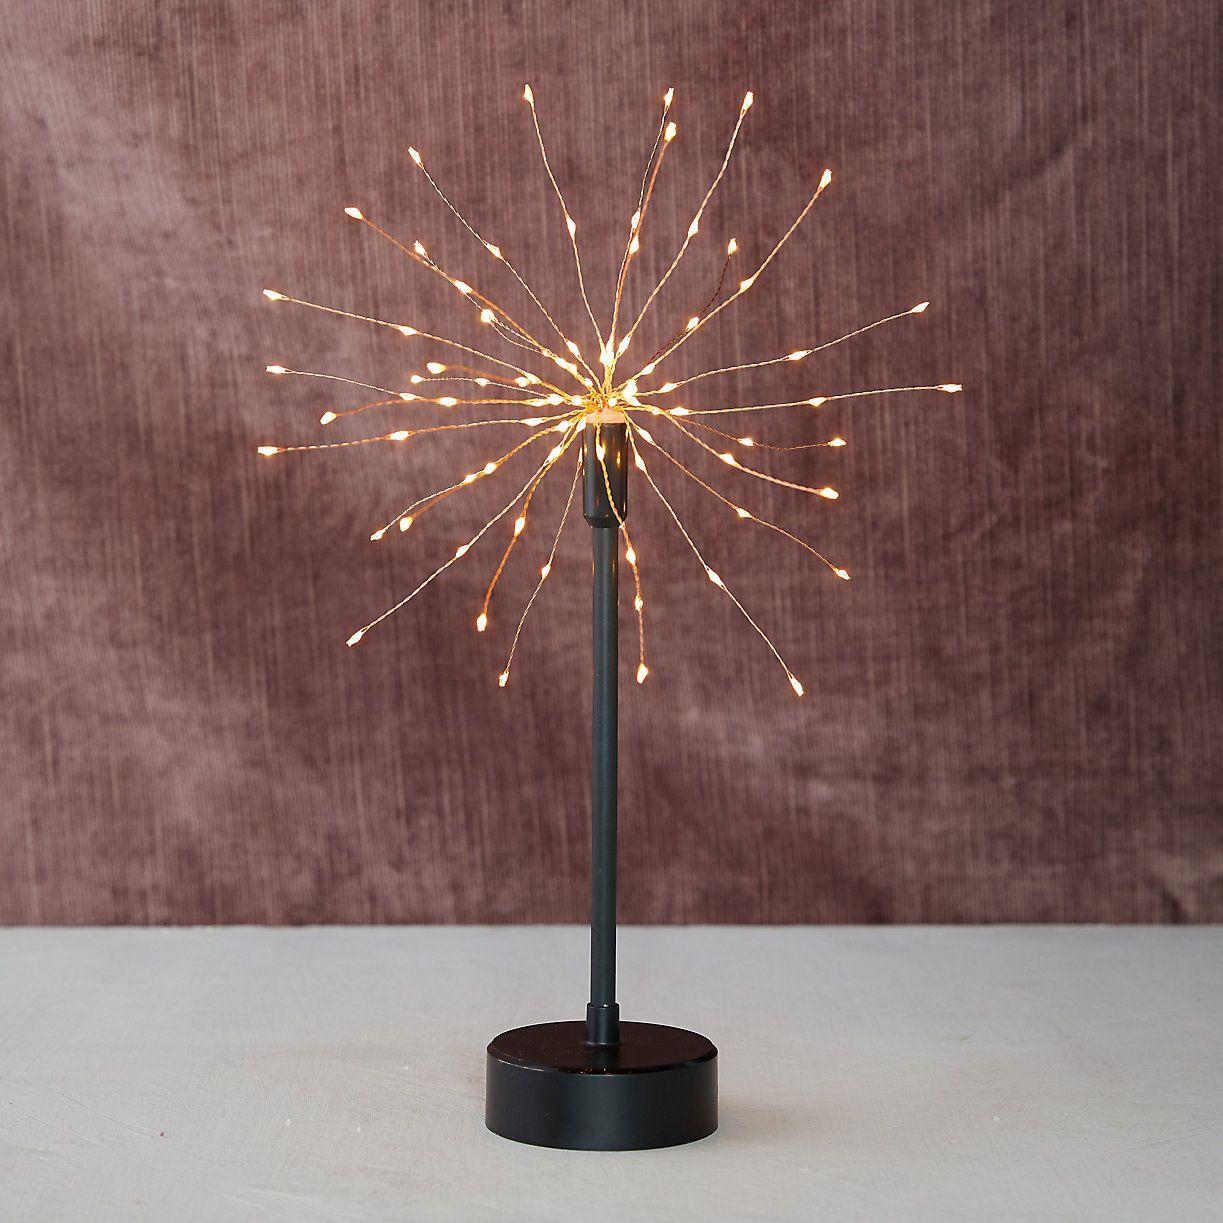 Stargazer Northstar Table Light Light Table Holiday Lights